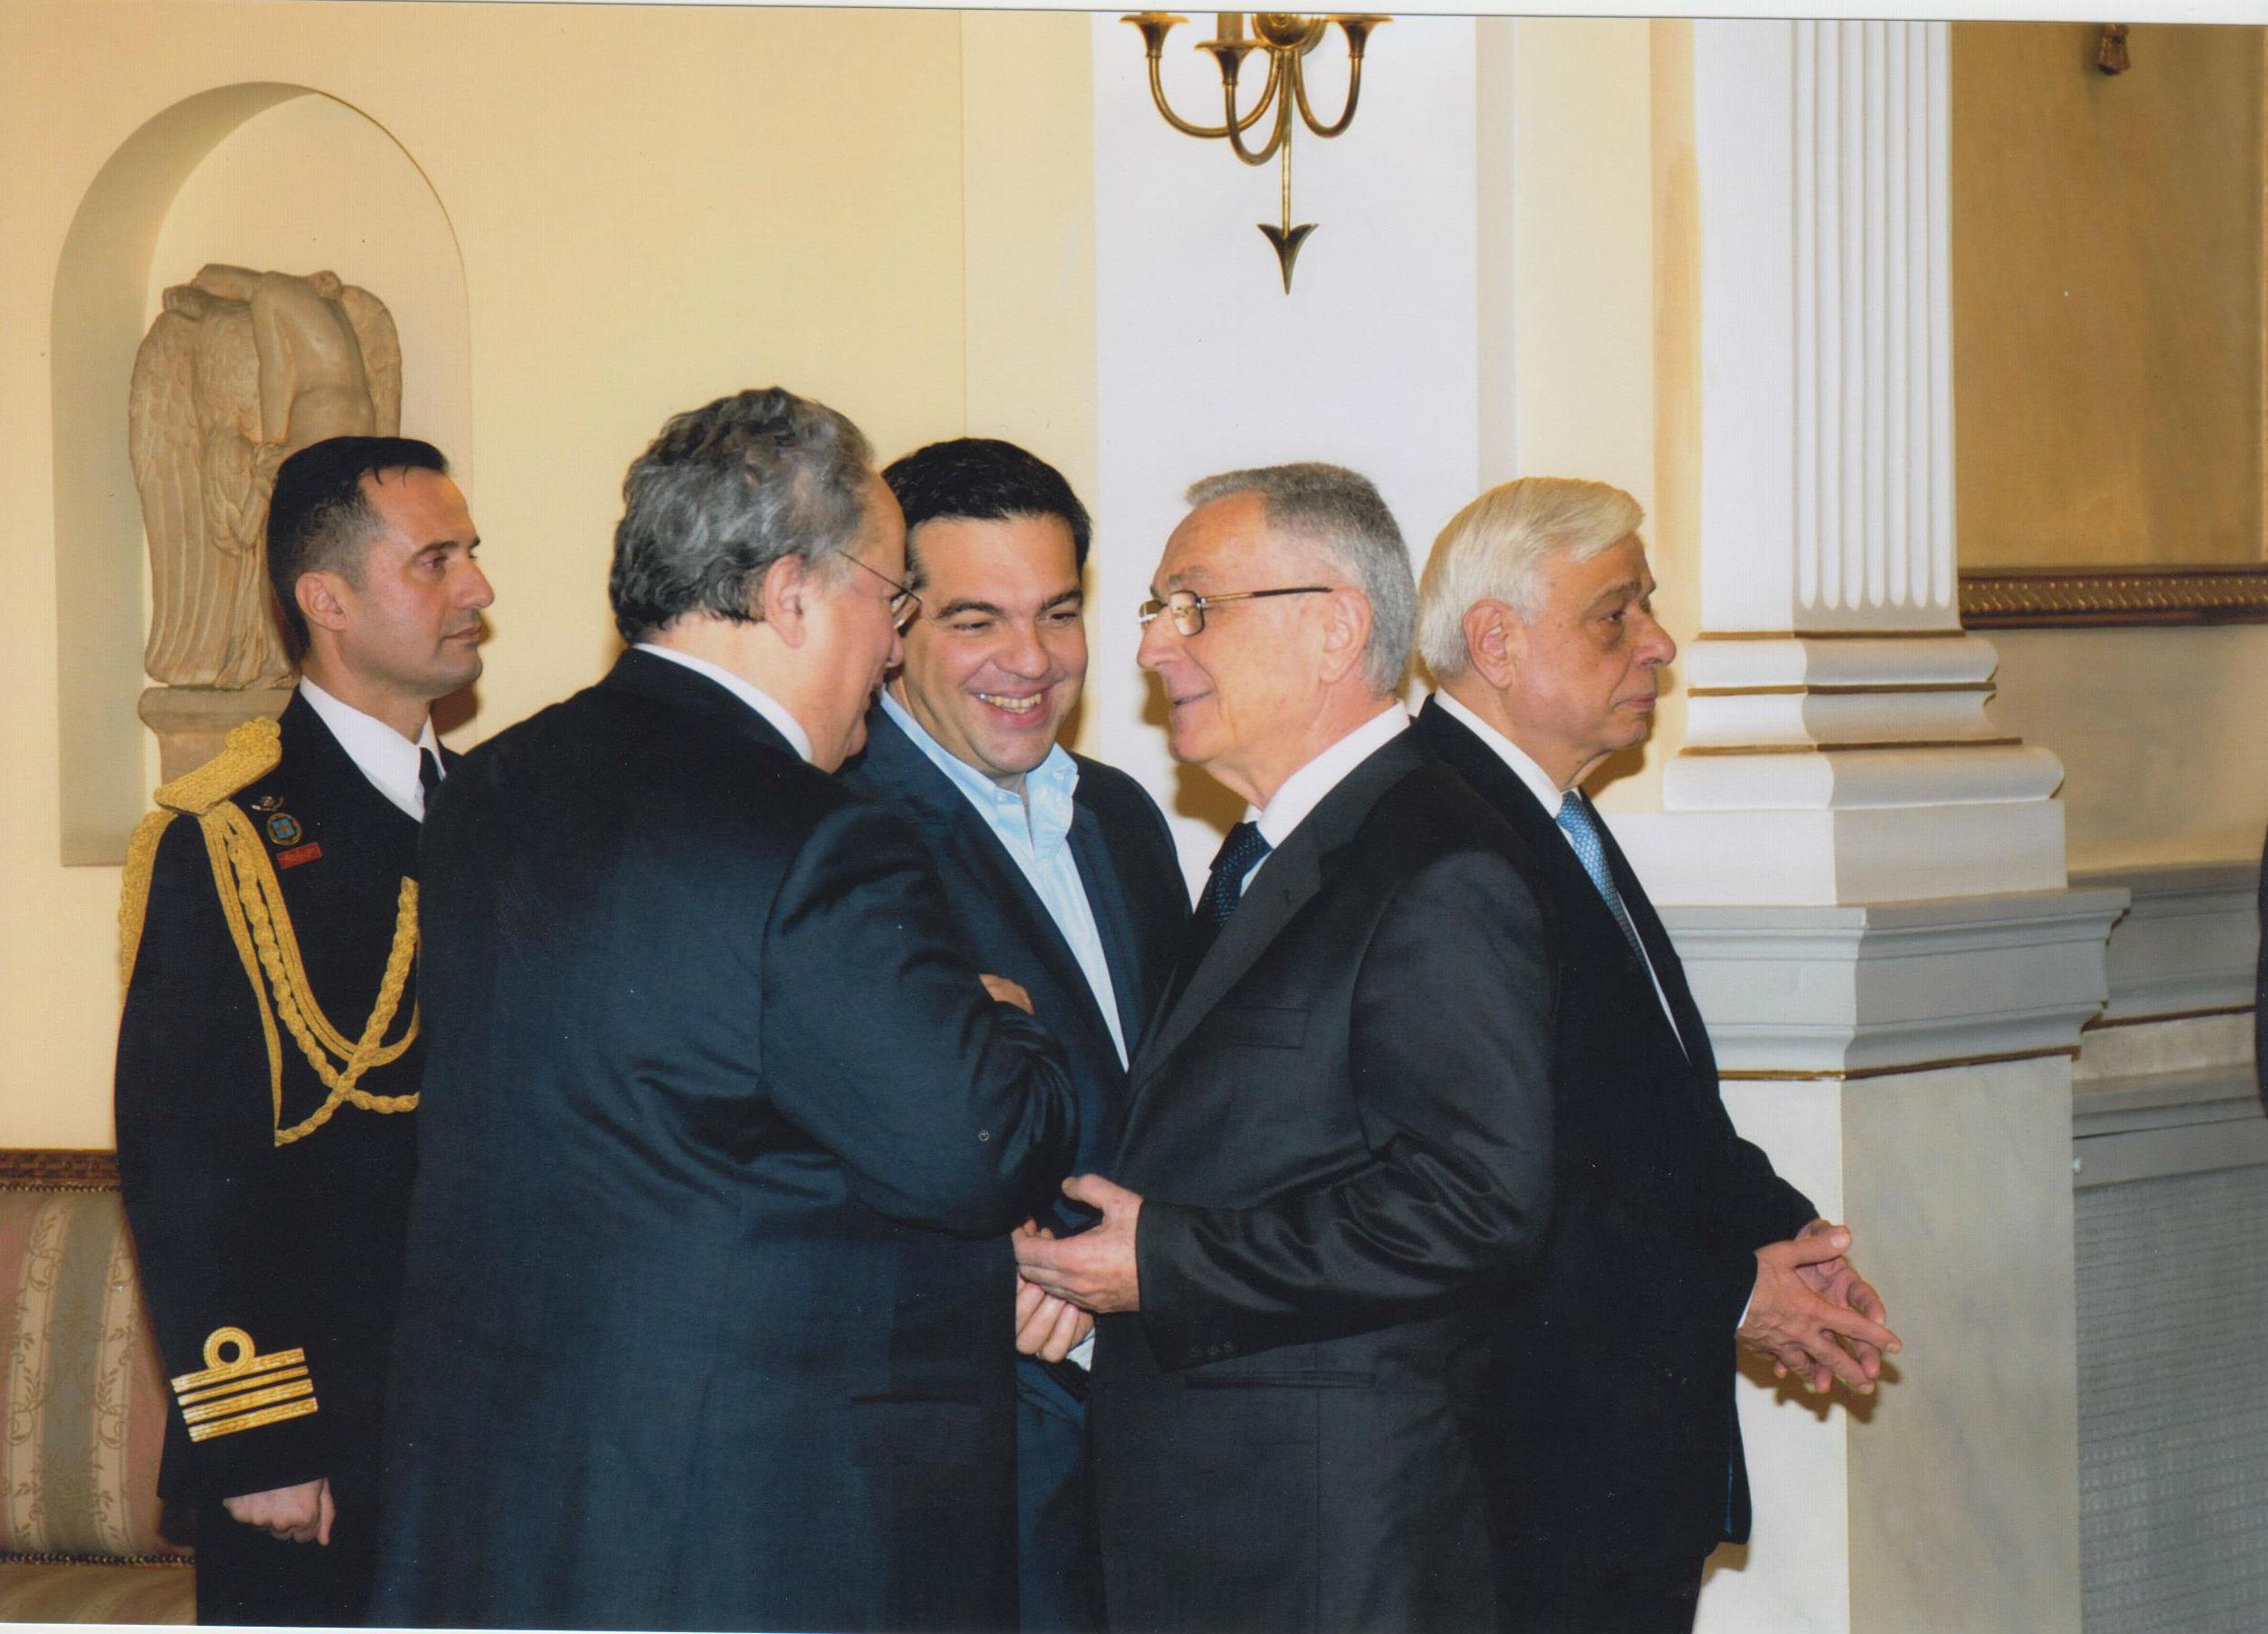 Ambasadori Dervishi, Ministri i Jashtëm grek Kotzias, kryeministri Tsipras dhe Presidenti Pavlopulos